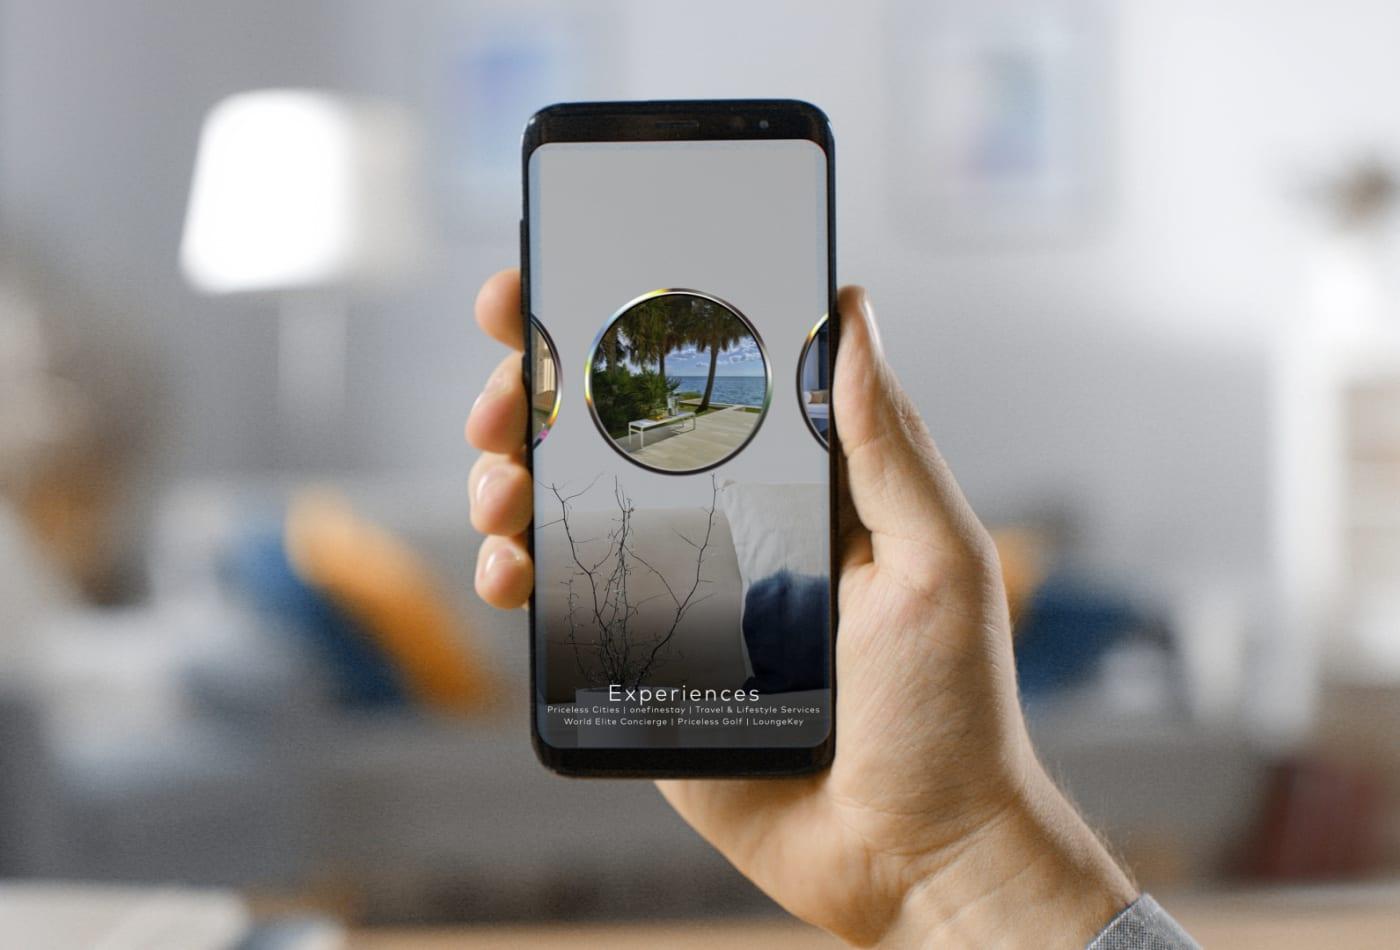 万事达卡将于2020年Q2推出AR应用,用户可进行沉浸式体验